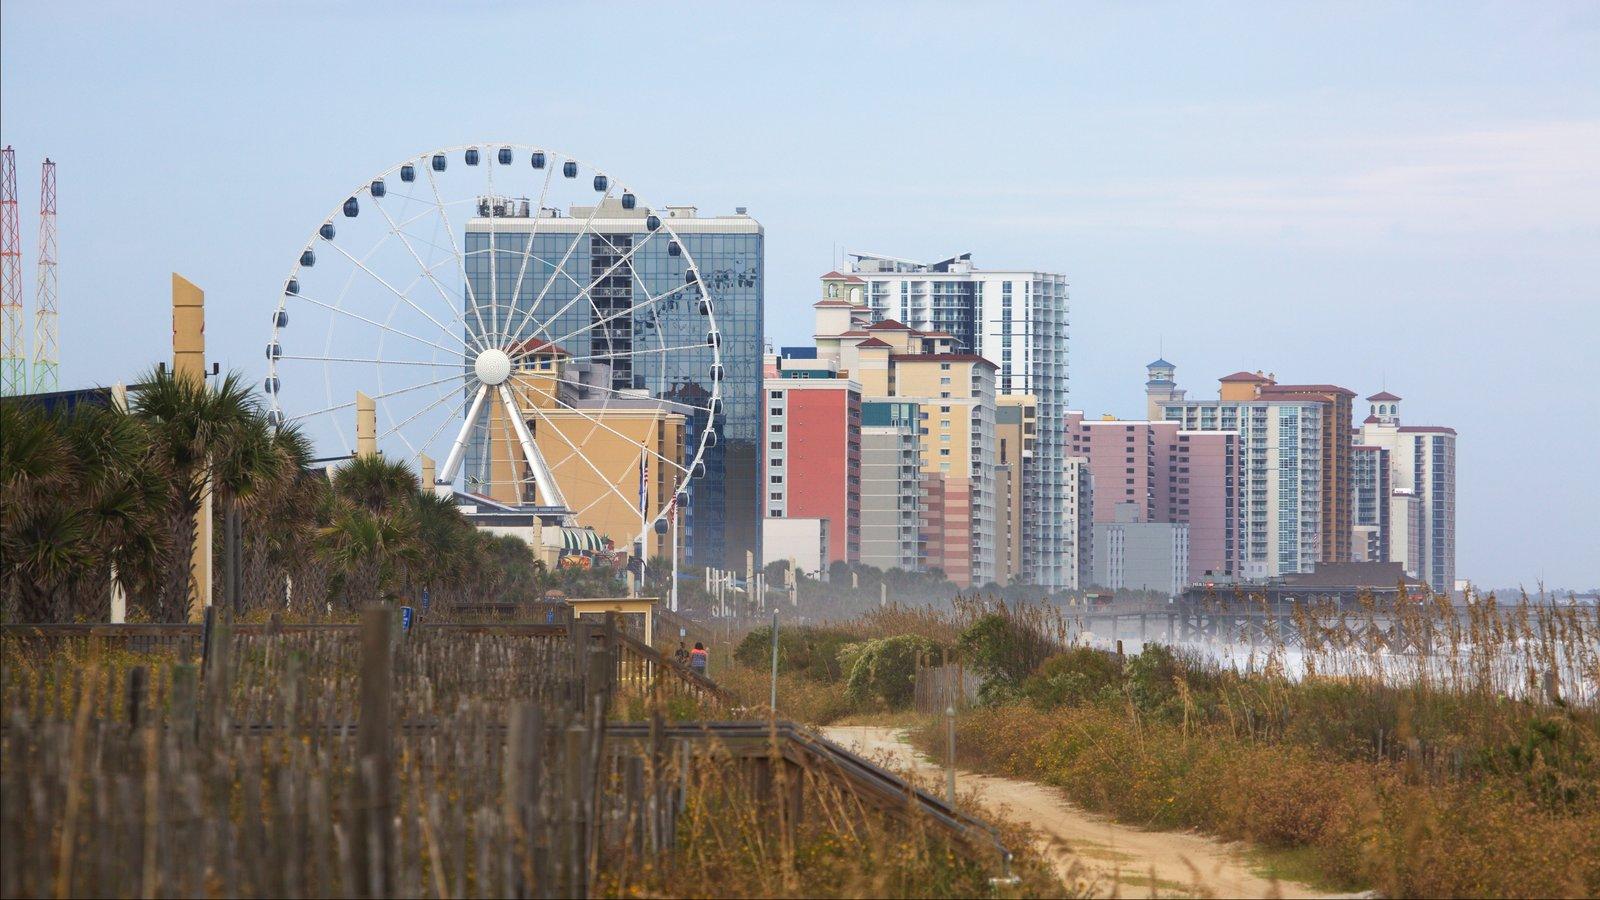 Região costeira da Carolina do Sul mostrando paisagens litorâneas e uma cidade